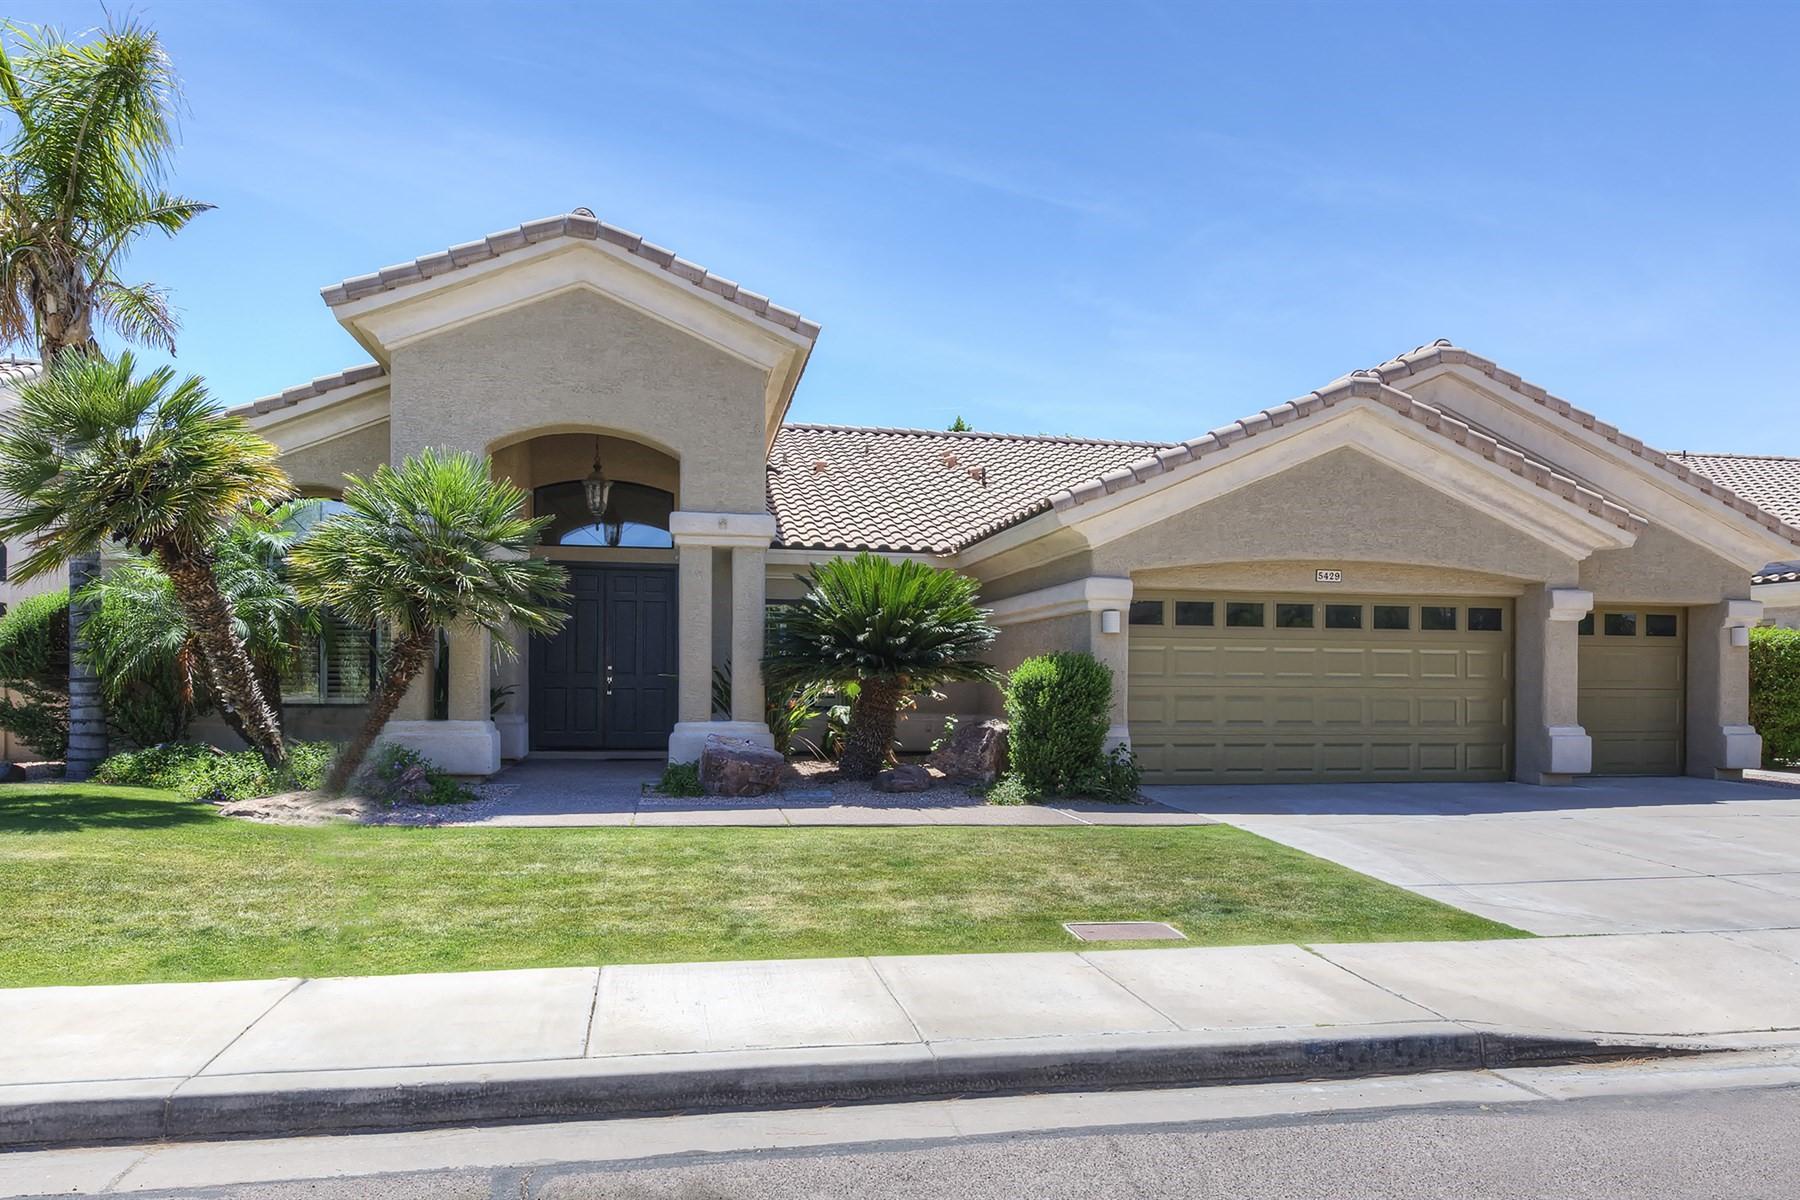 Einfamilienhaus für Verkauf beim Beautifully remodeled pristine home in Phoenix 5429 E Beryl Ave Paradise Valley, Arizona, 85253 Vereinigte Staaten